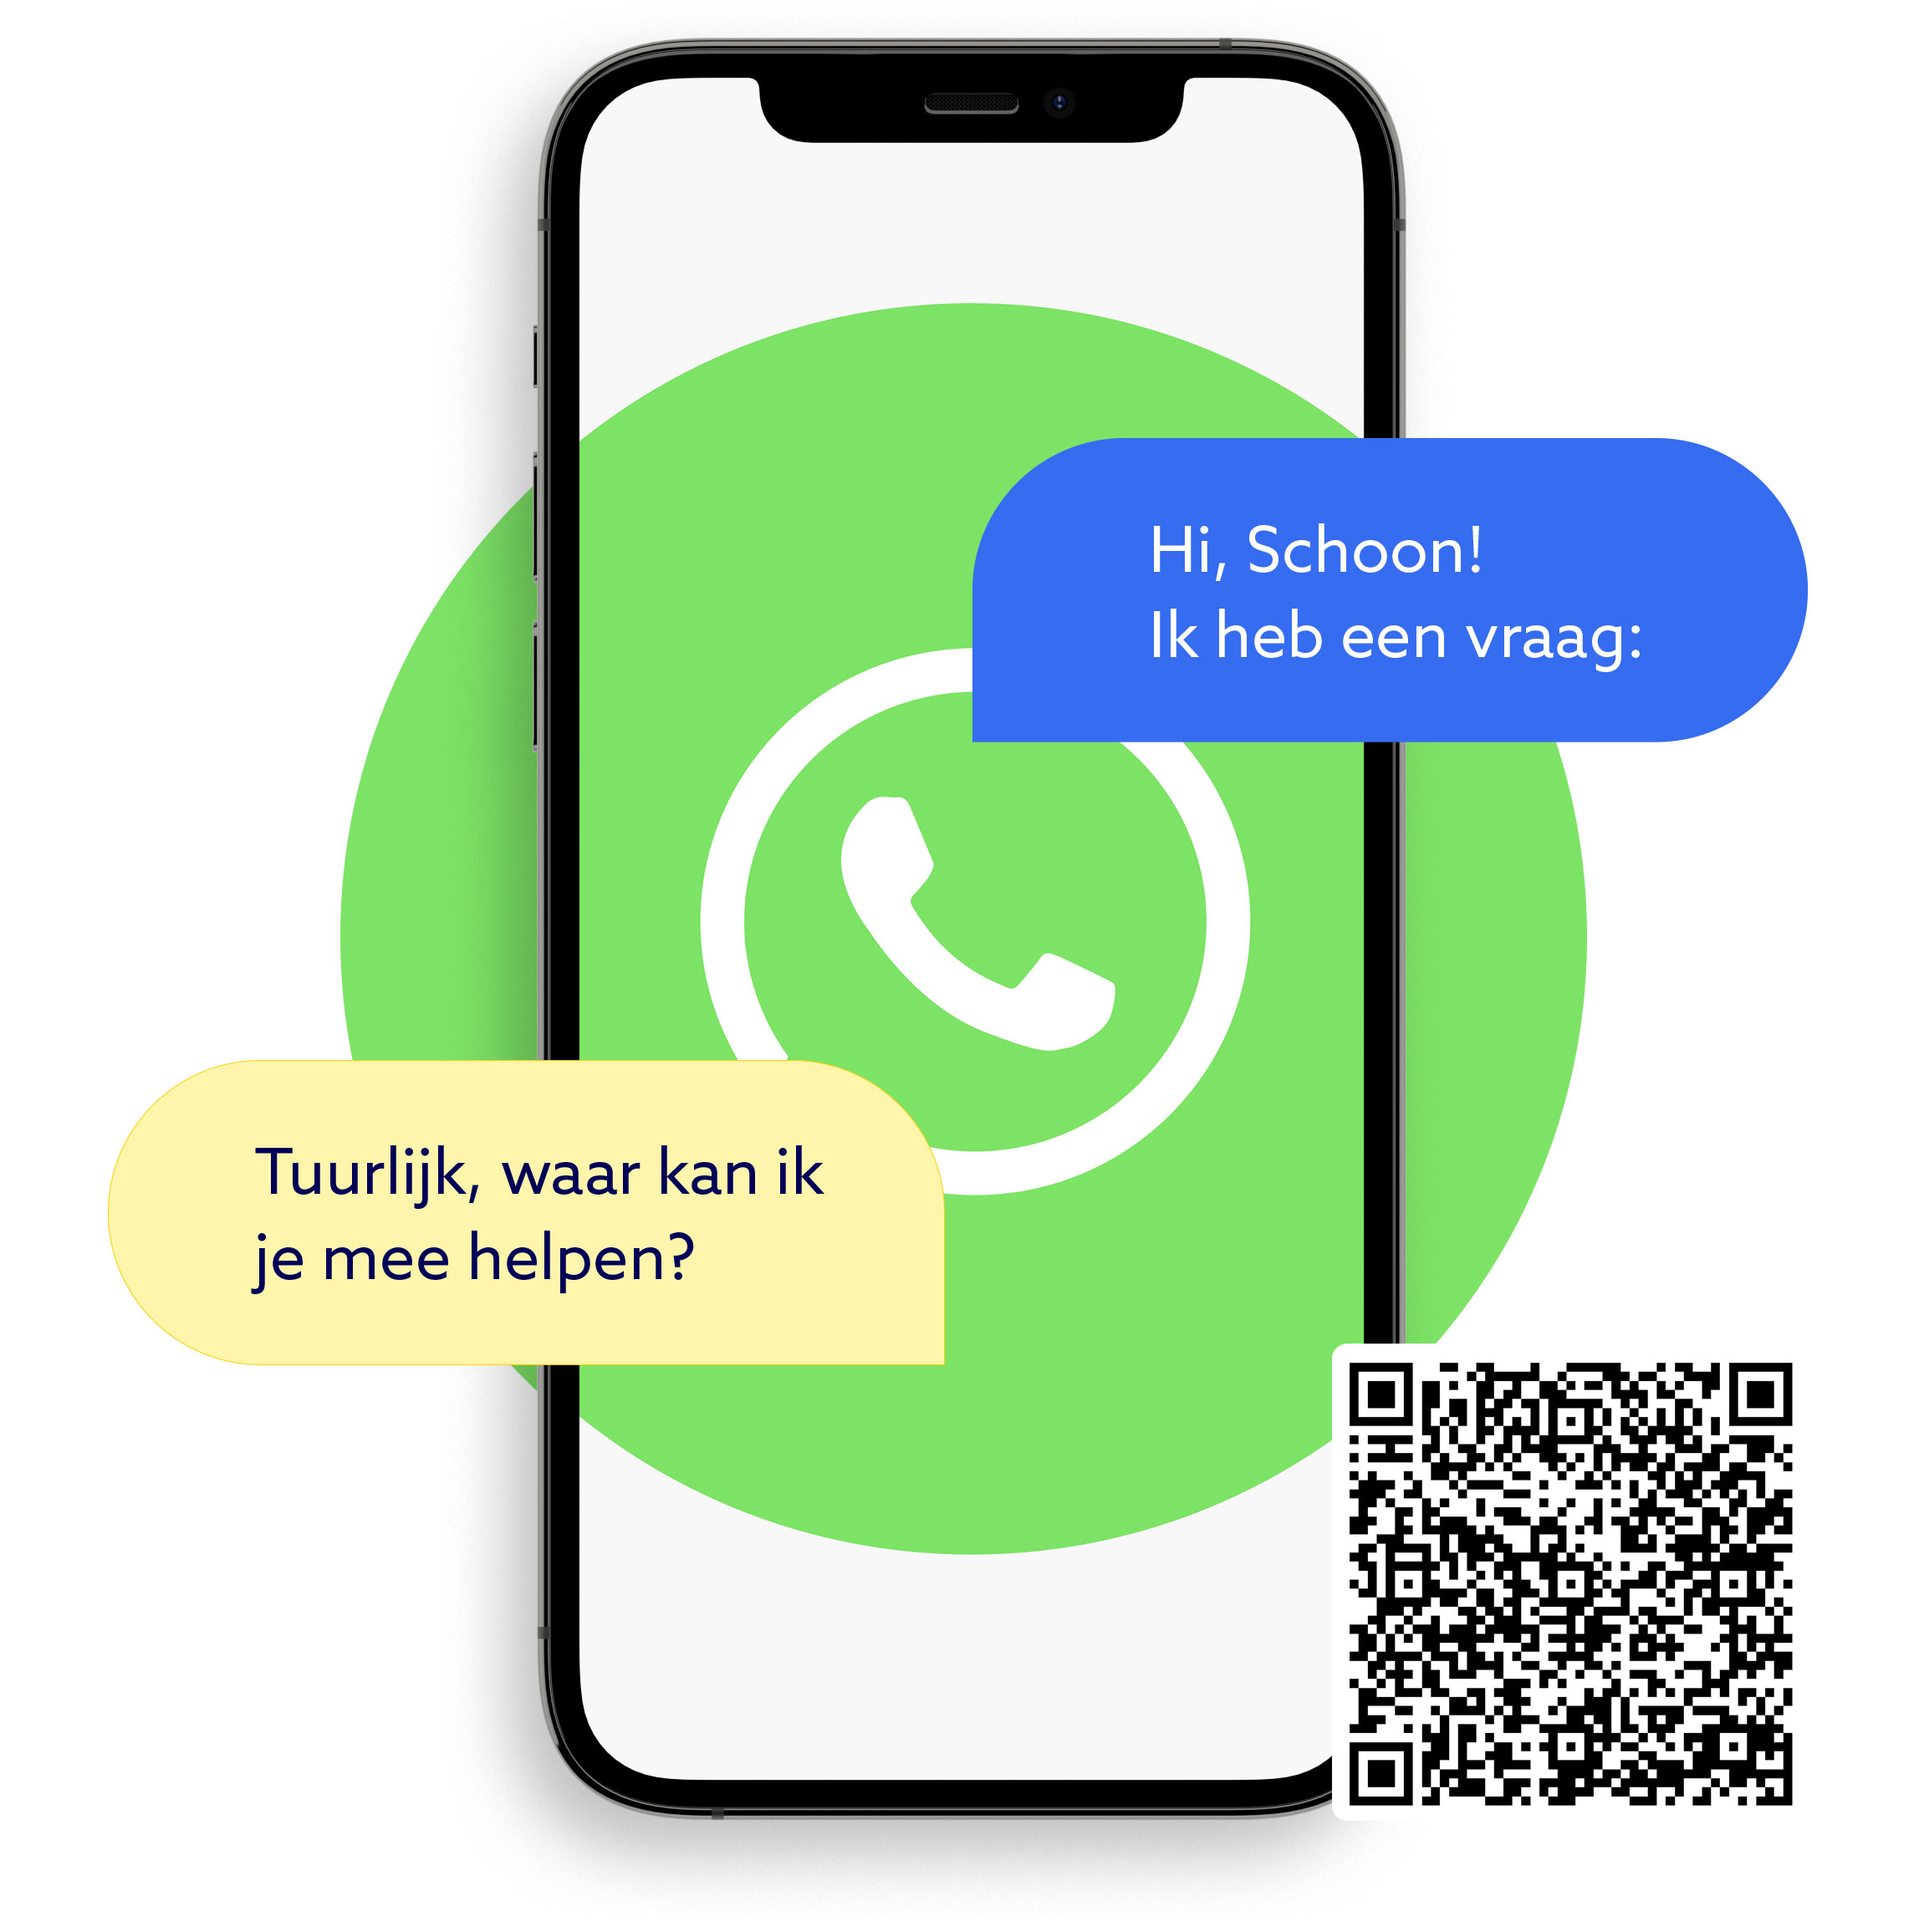 WhatsApp visual